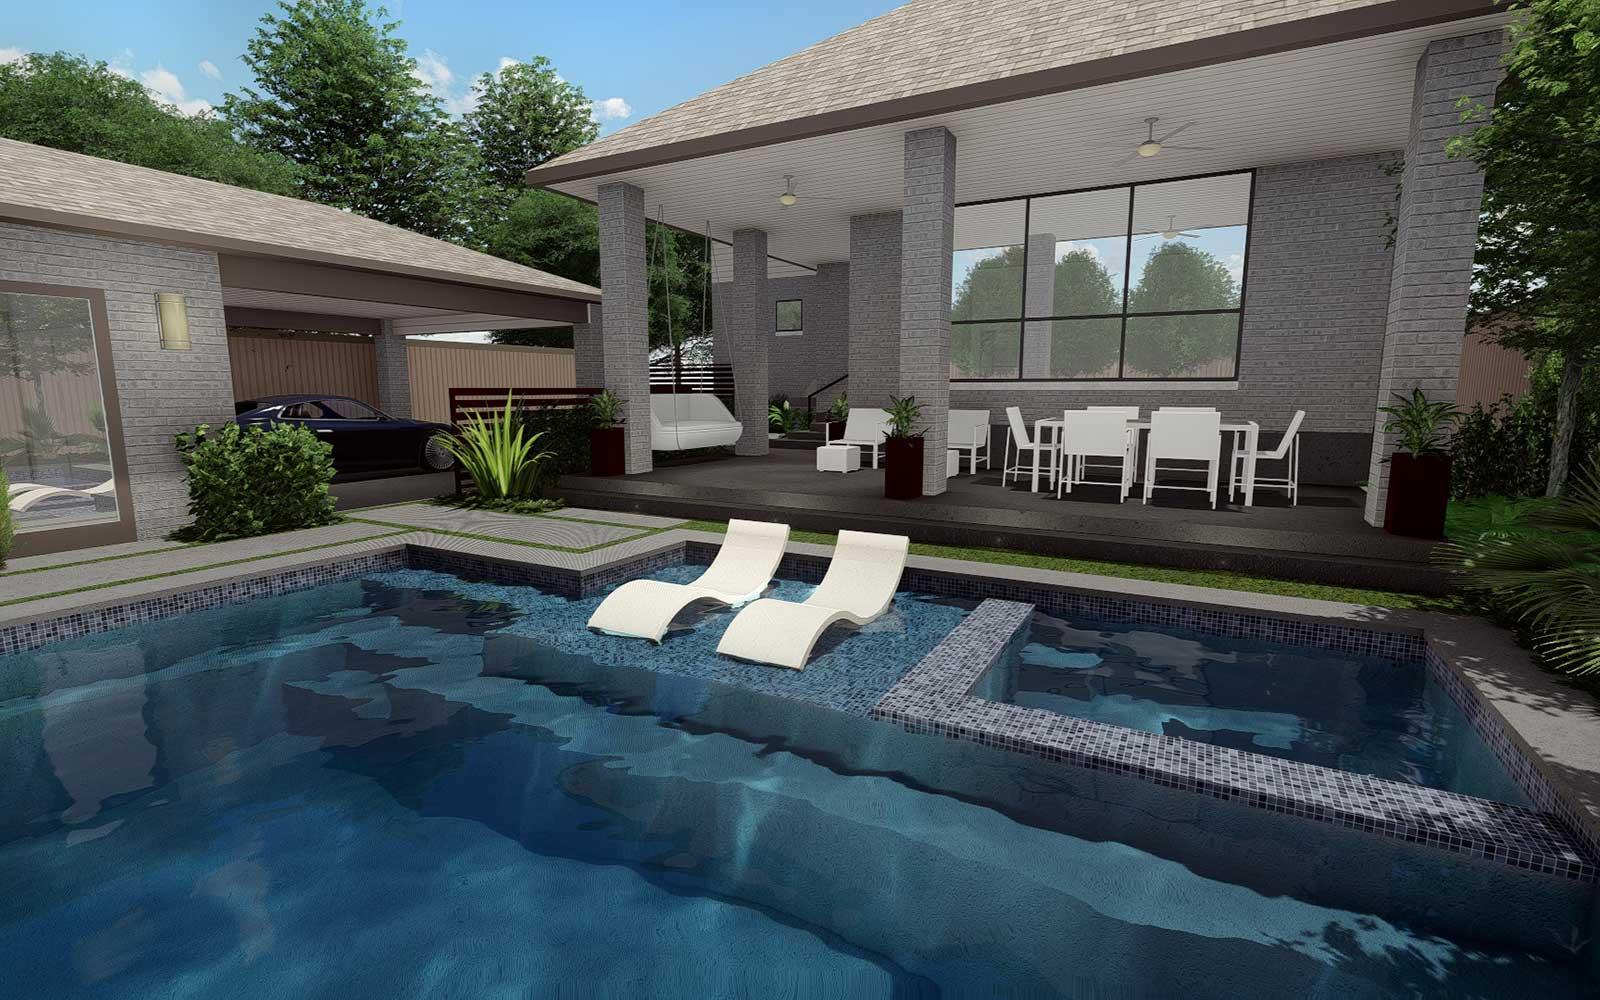 mccommas-modern-pool-design-03.jpg